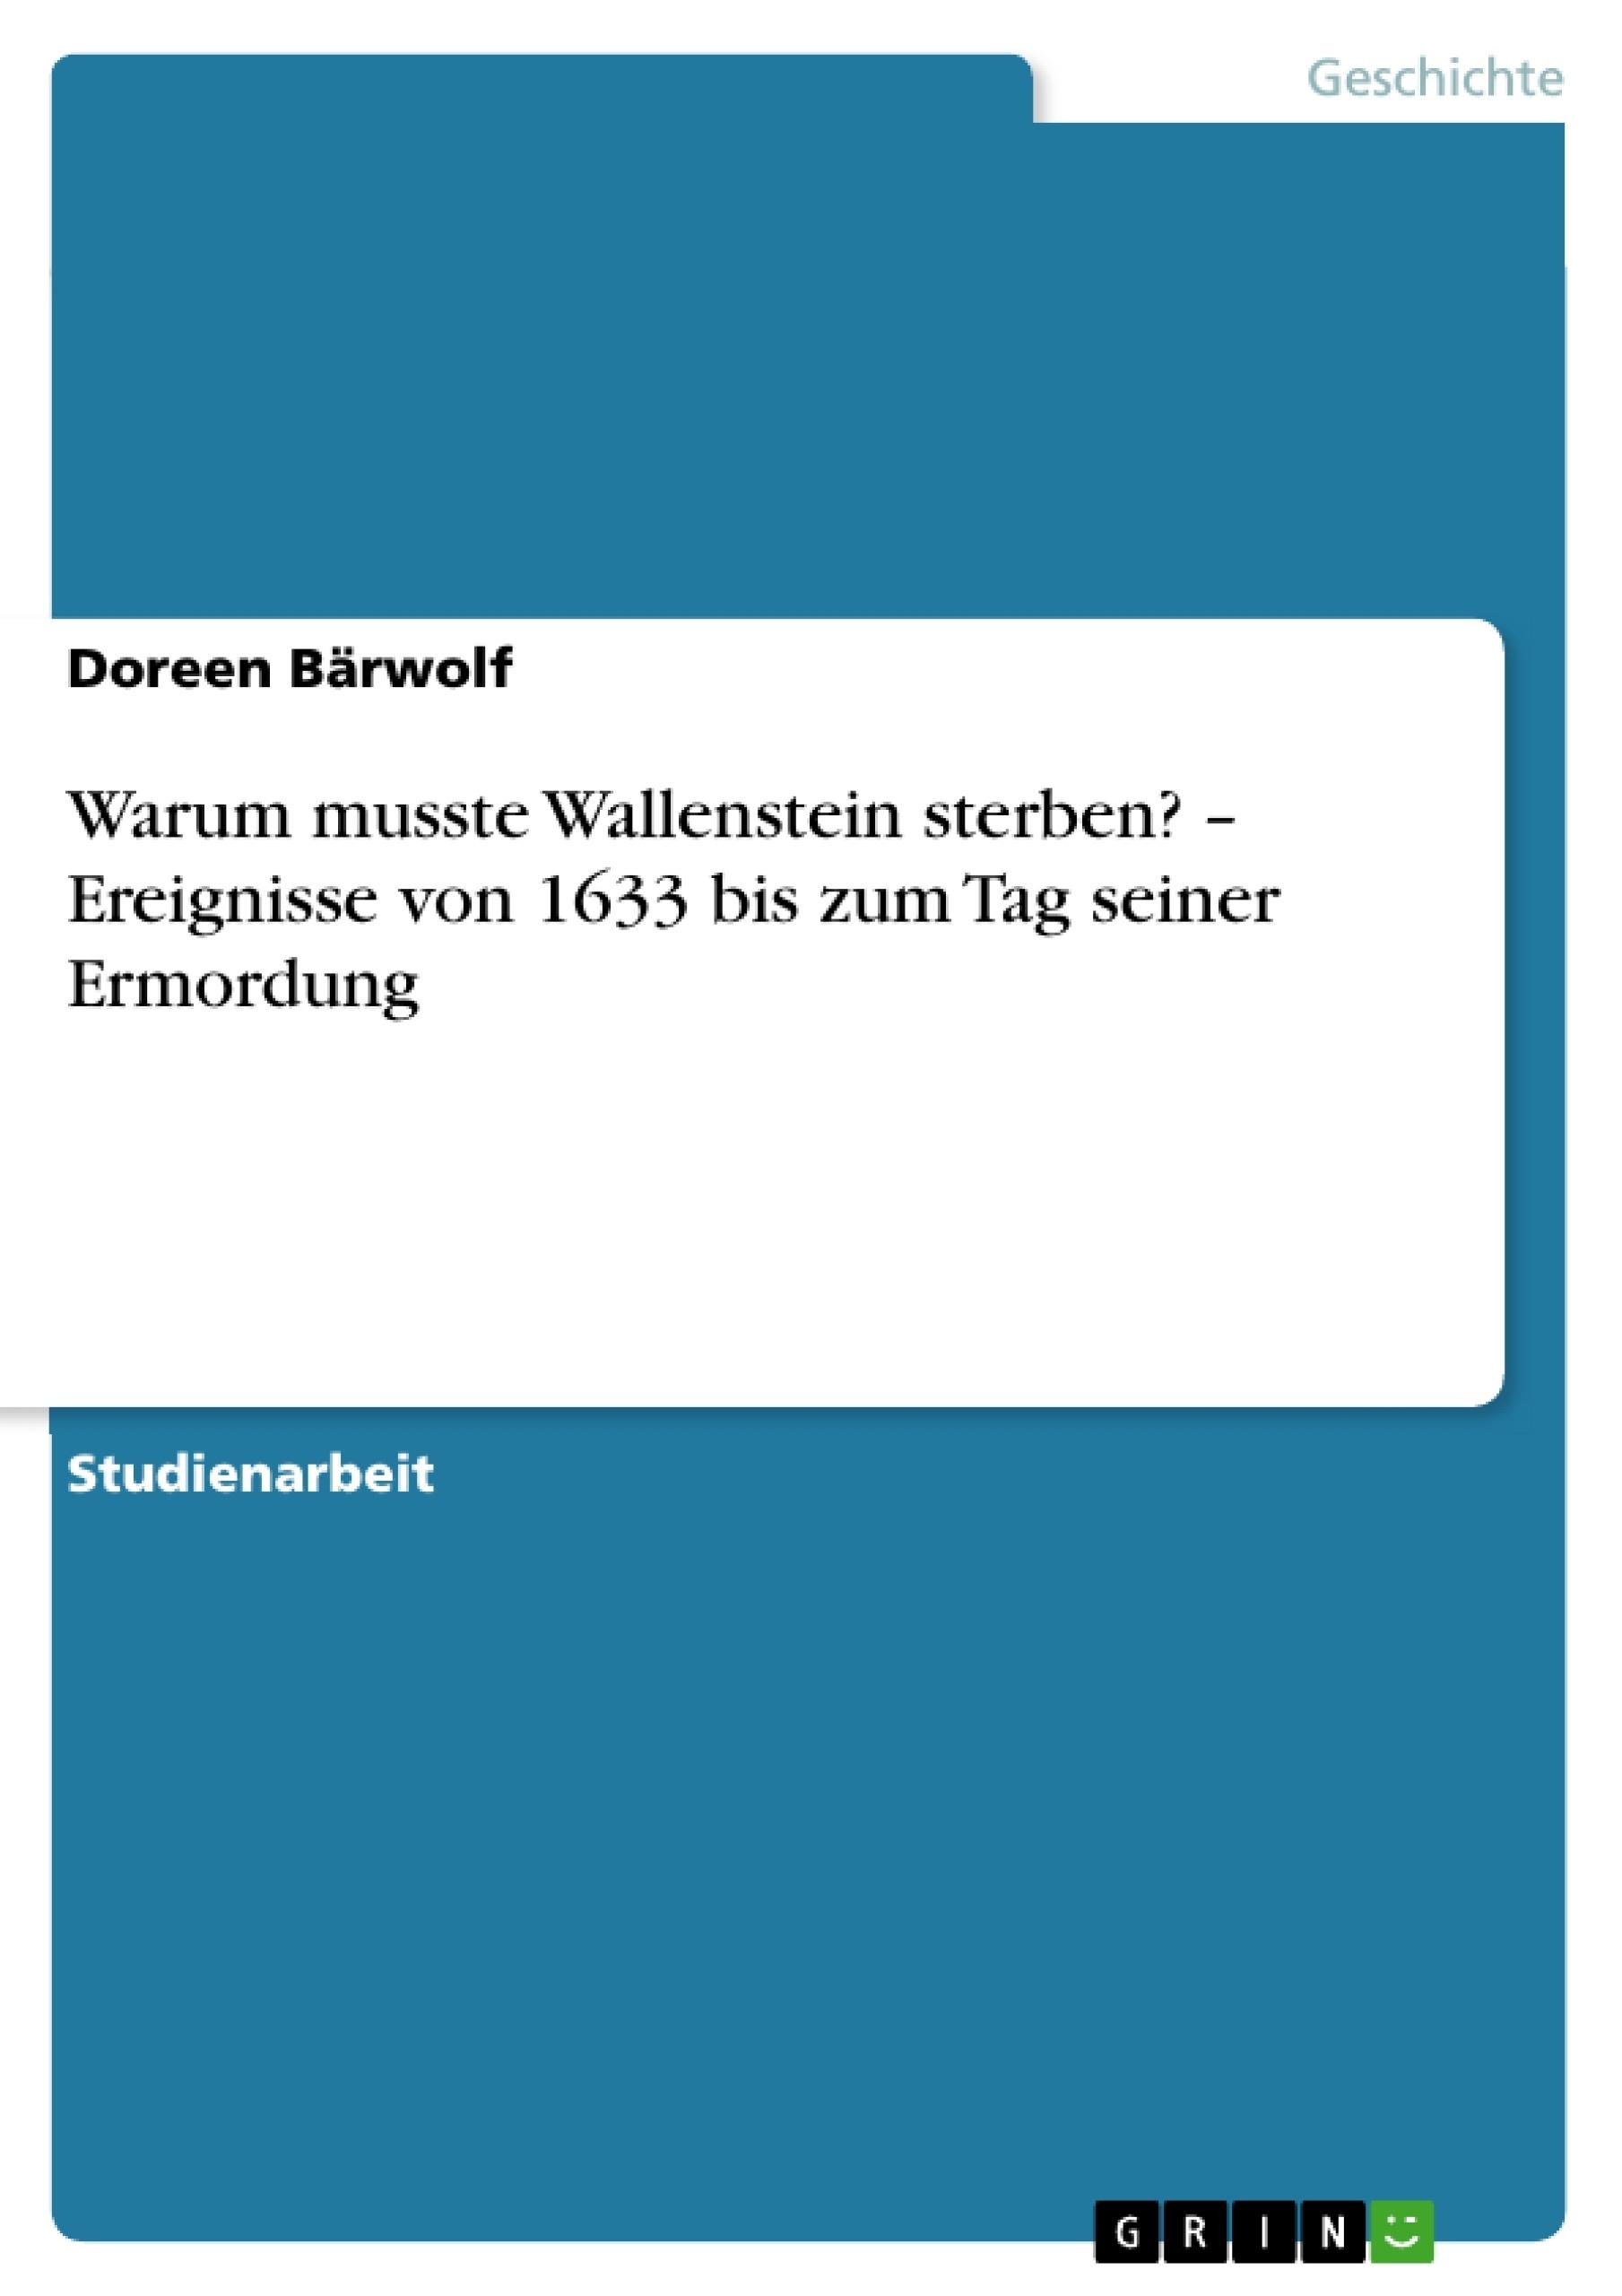 Titel: Warum musste Wallenstein sterben? –  Ereignisse von 1633 bis zum Tag seiner Ermordung